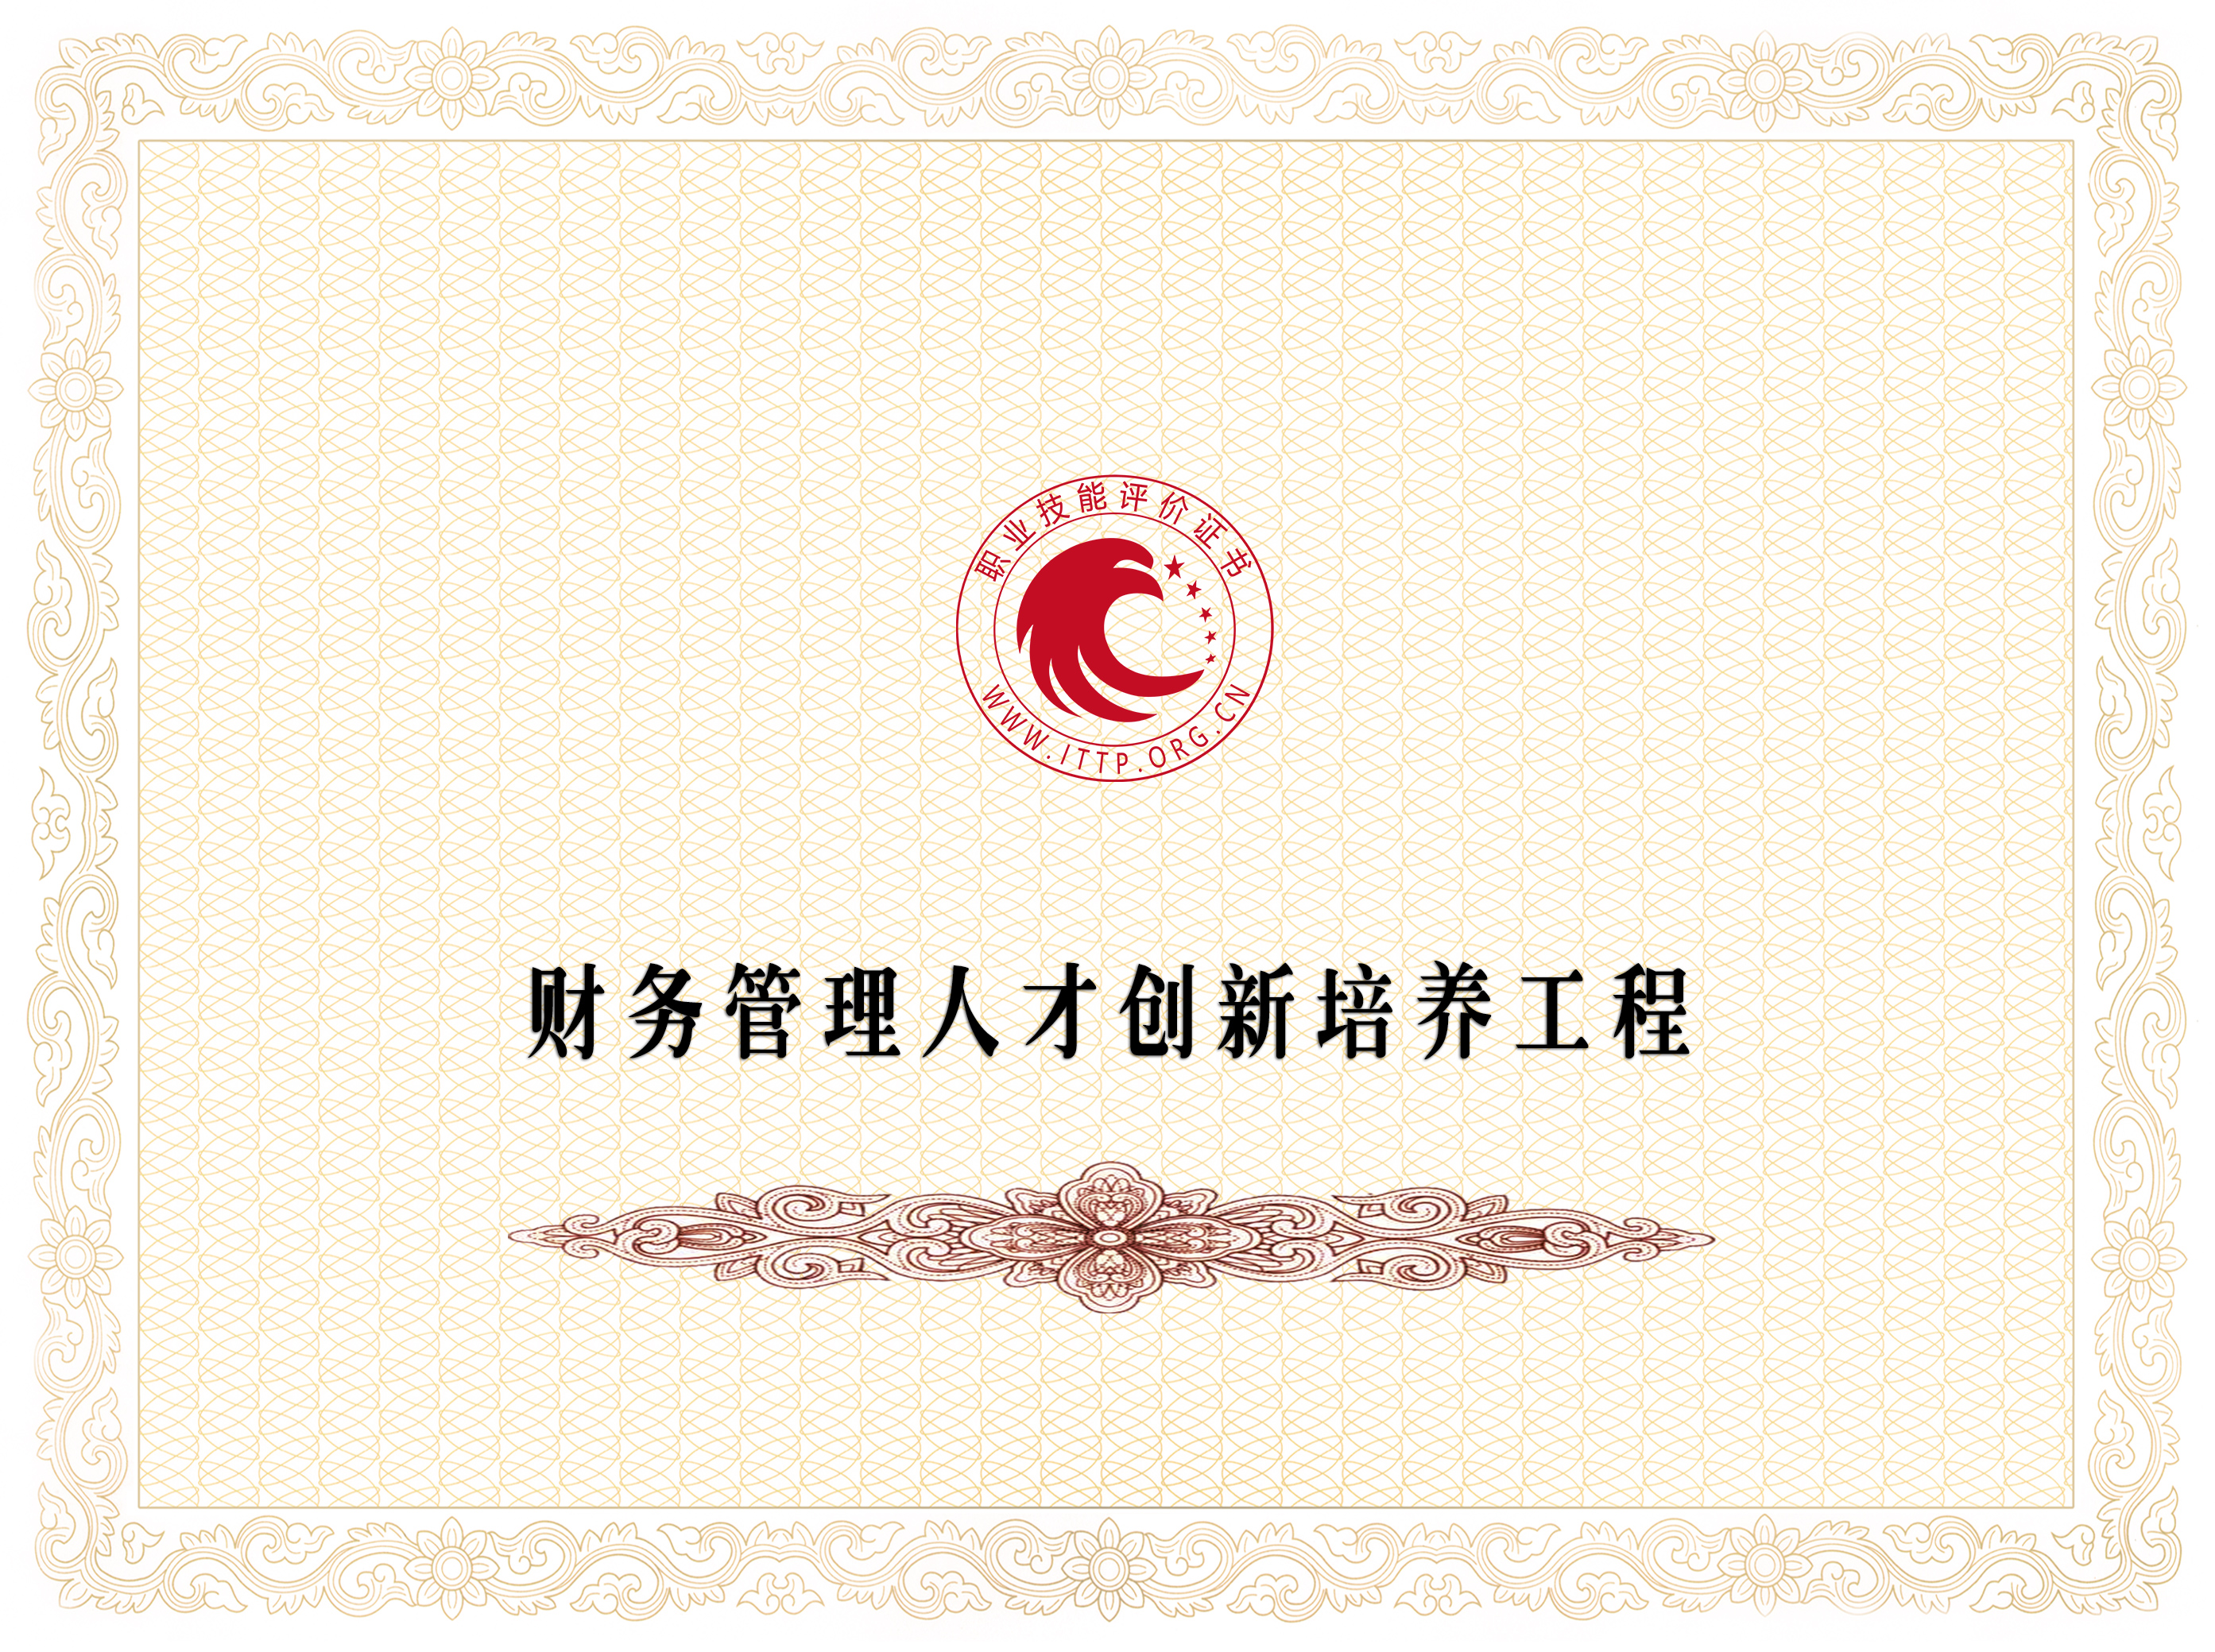 中国管理会计师(初级)